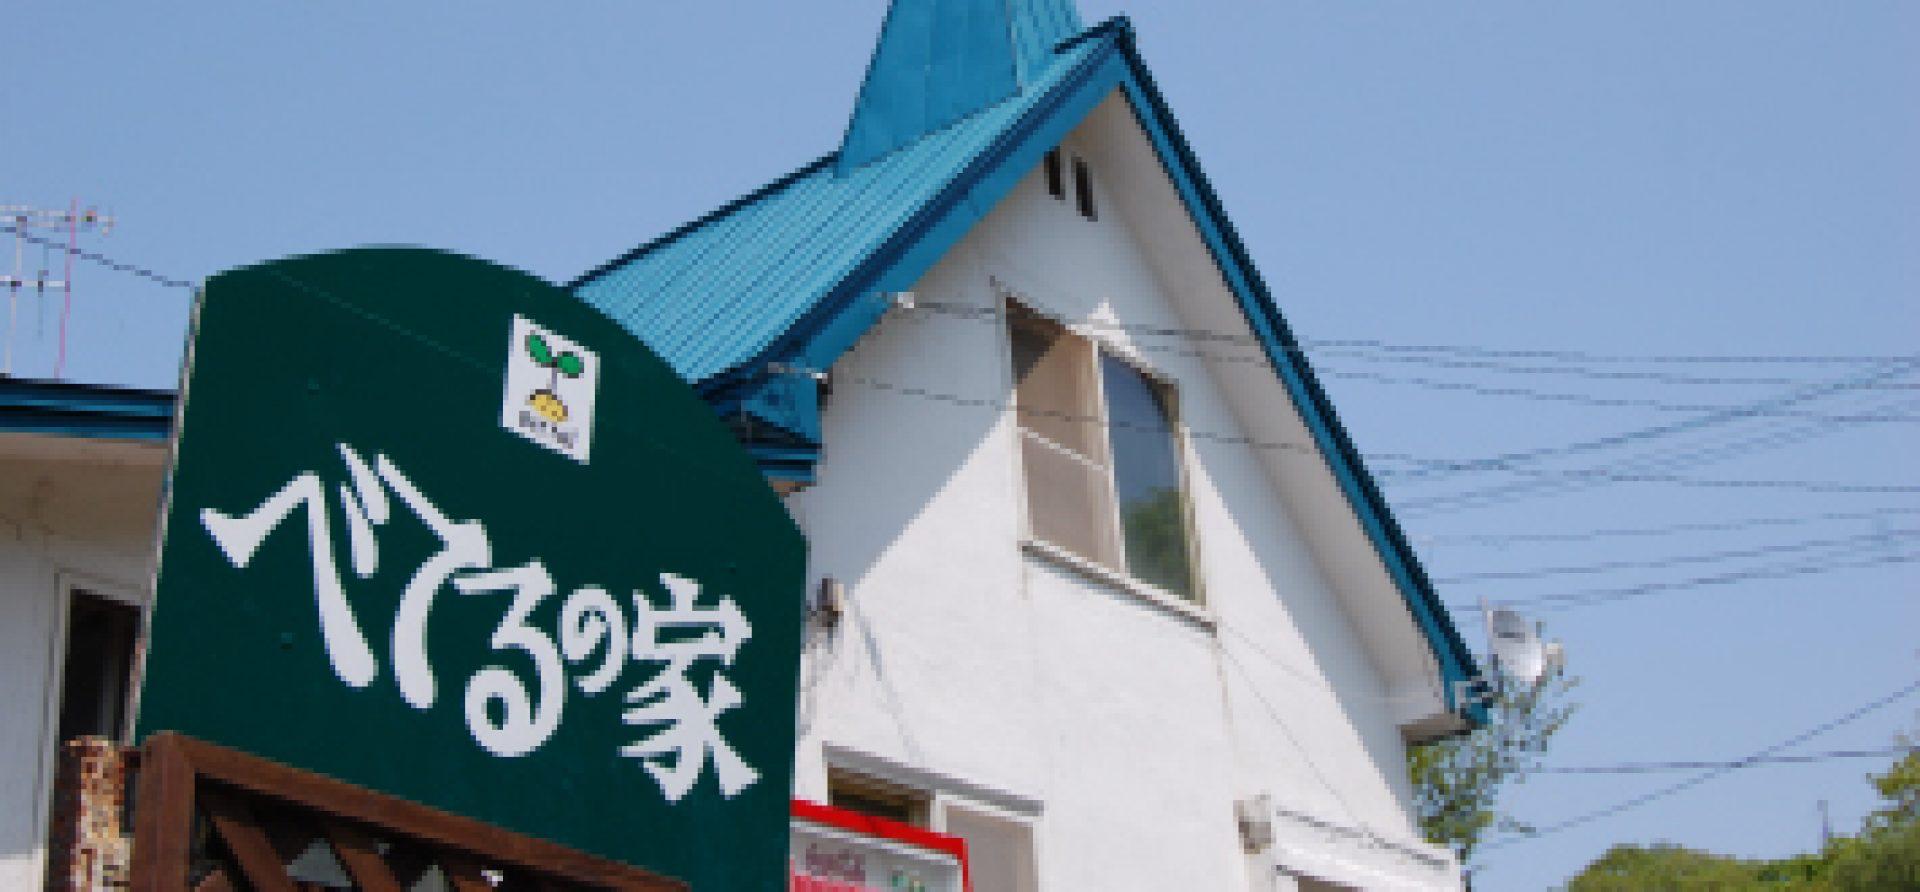 社会福祉法人浦河べてるの家 | 北海道浦河町